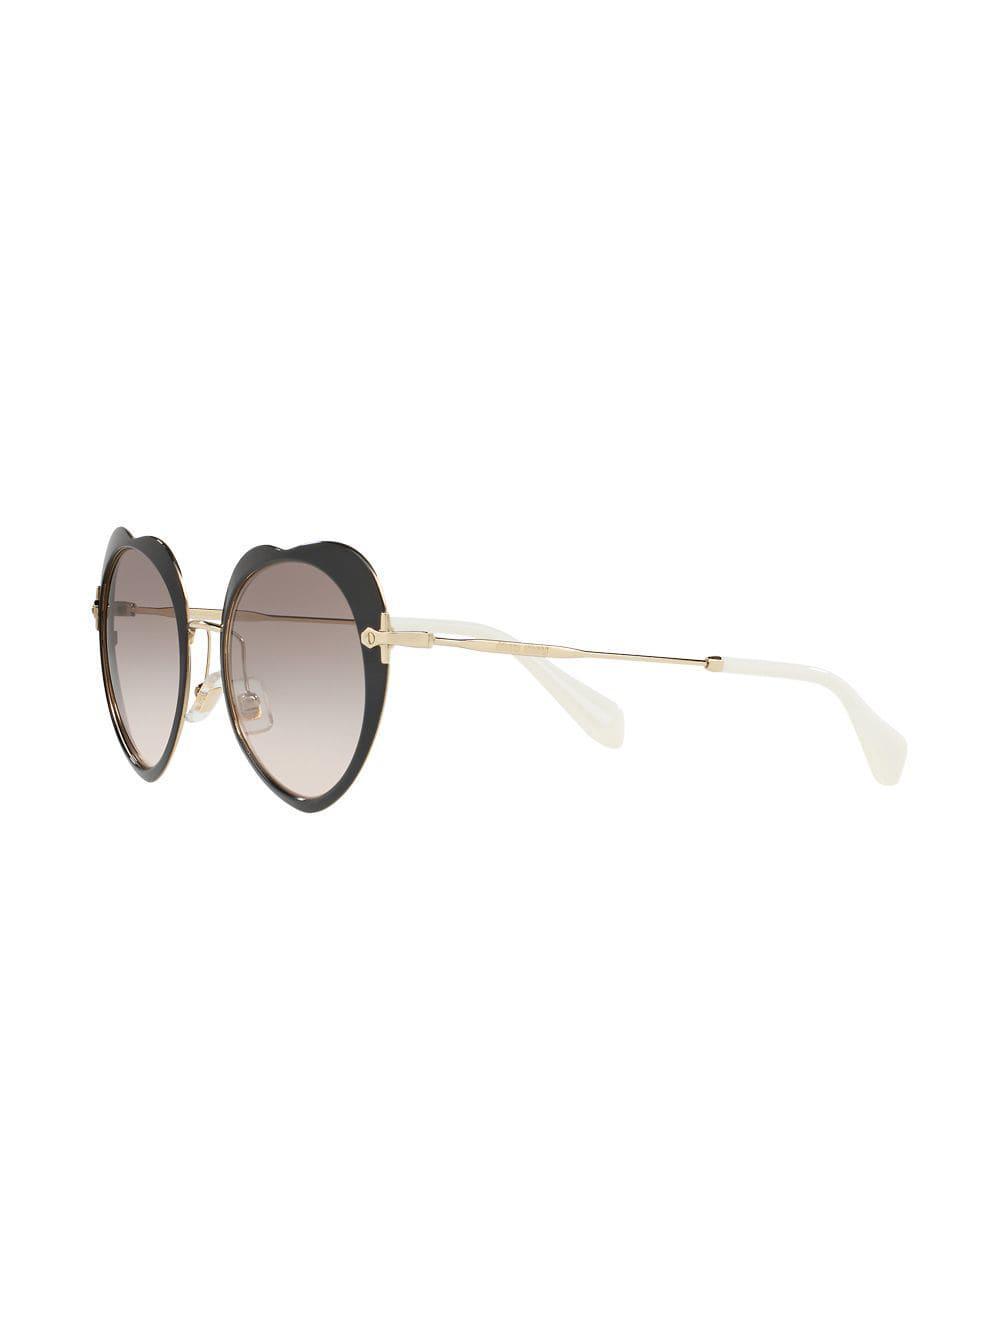 5b26d61b790 Miu Miu Heart-shaped Sunglasses in Black - Lyst